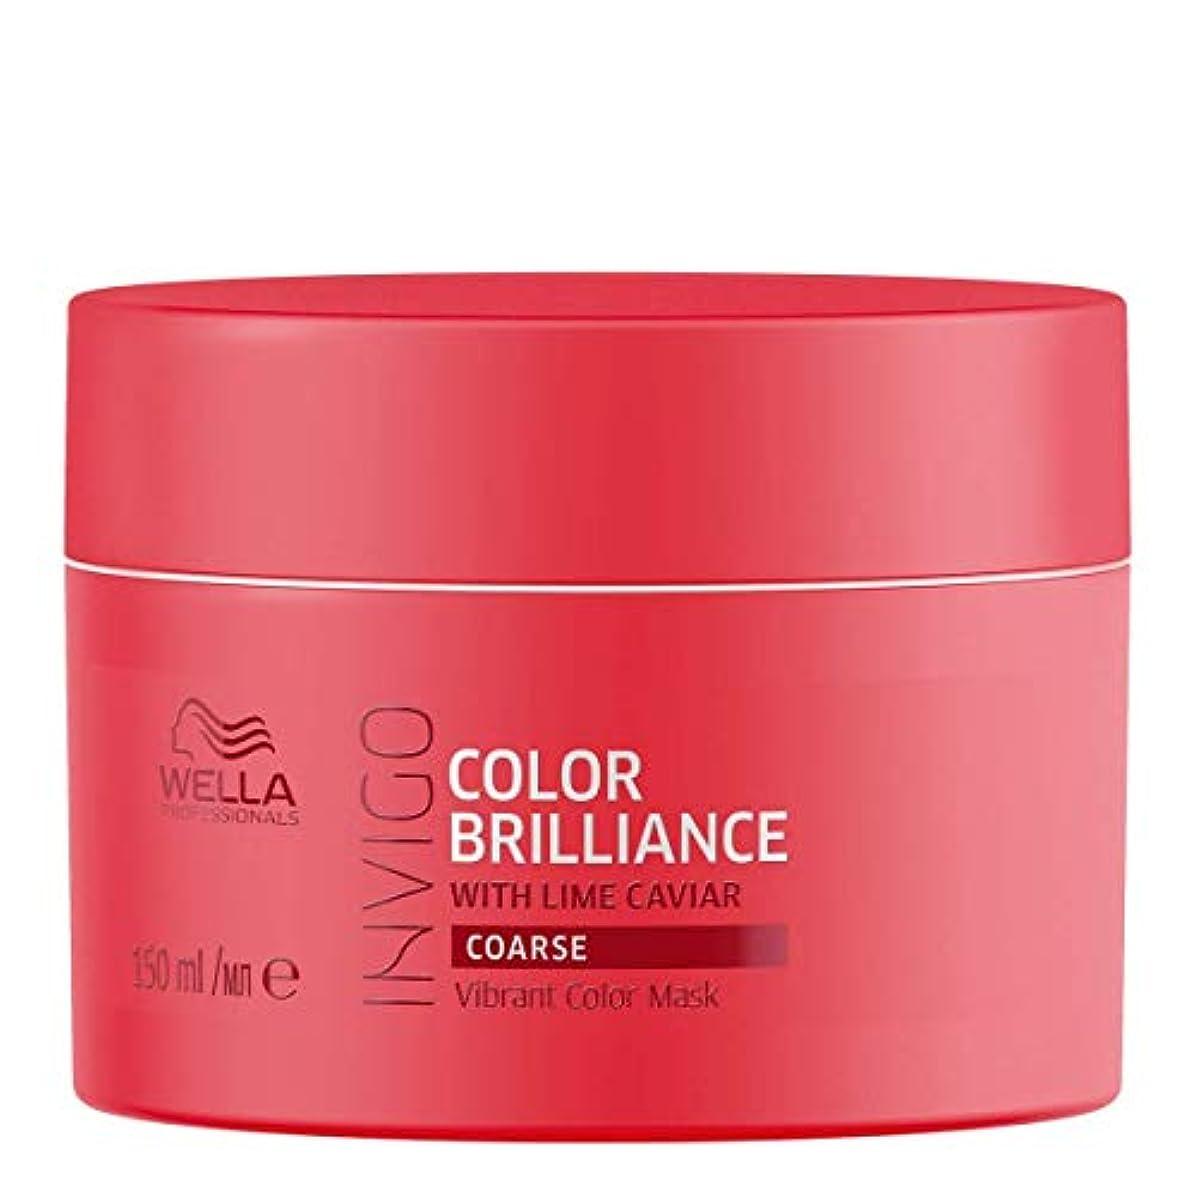 ページテザーコンソールウエラ インヴィゴ コース カラー マスク Wella Invigo Color Brilliance With Lime Caviar Coarse Vibrant Color Mask 150 ml [並行輸入品]